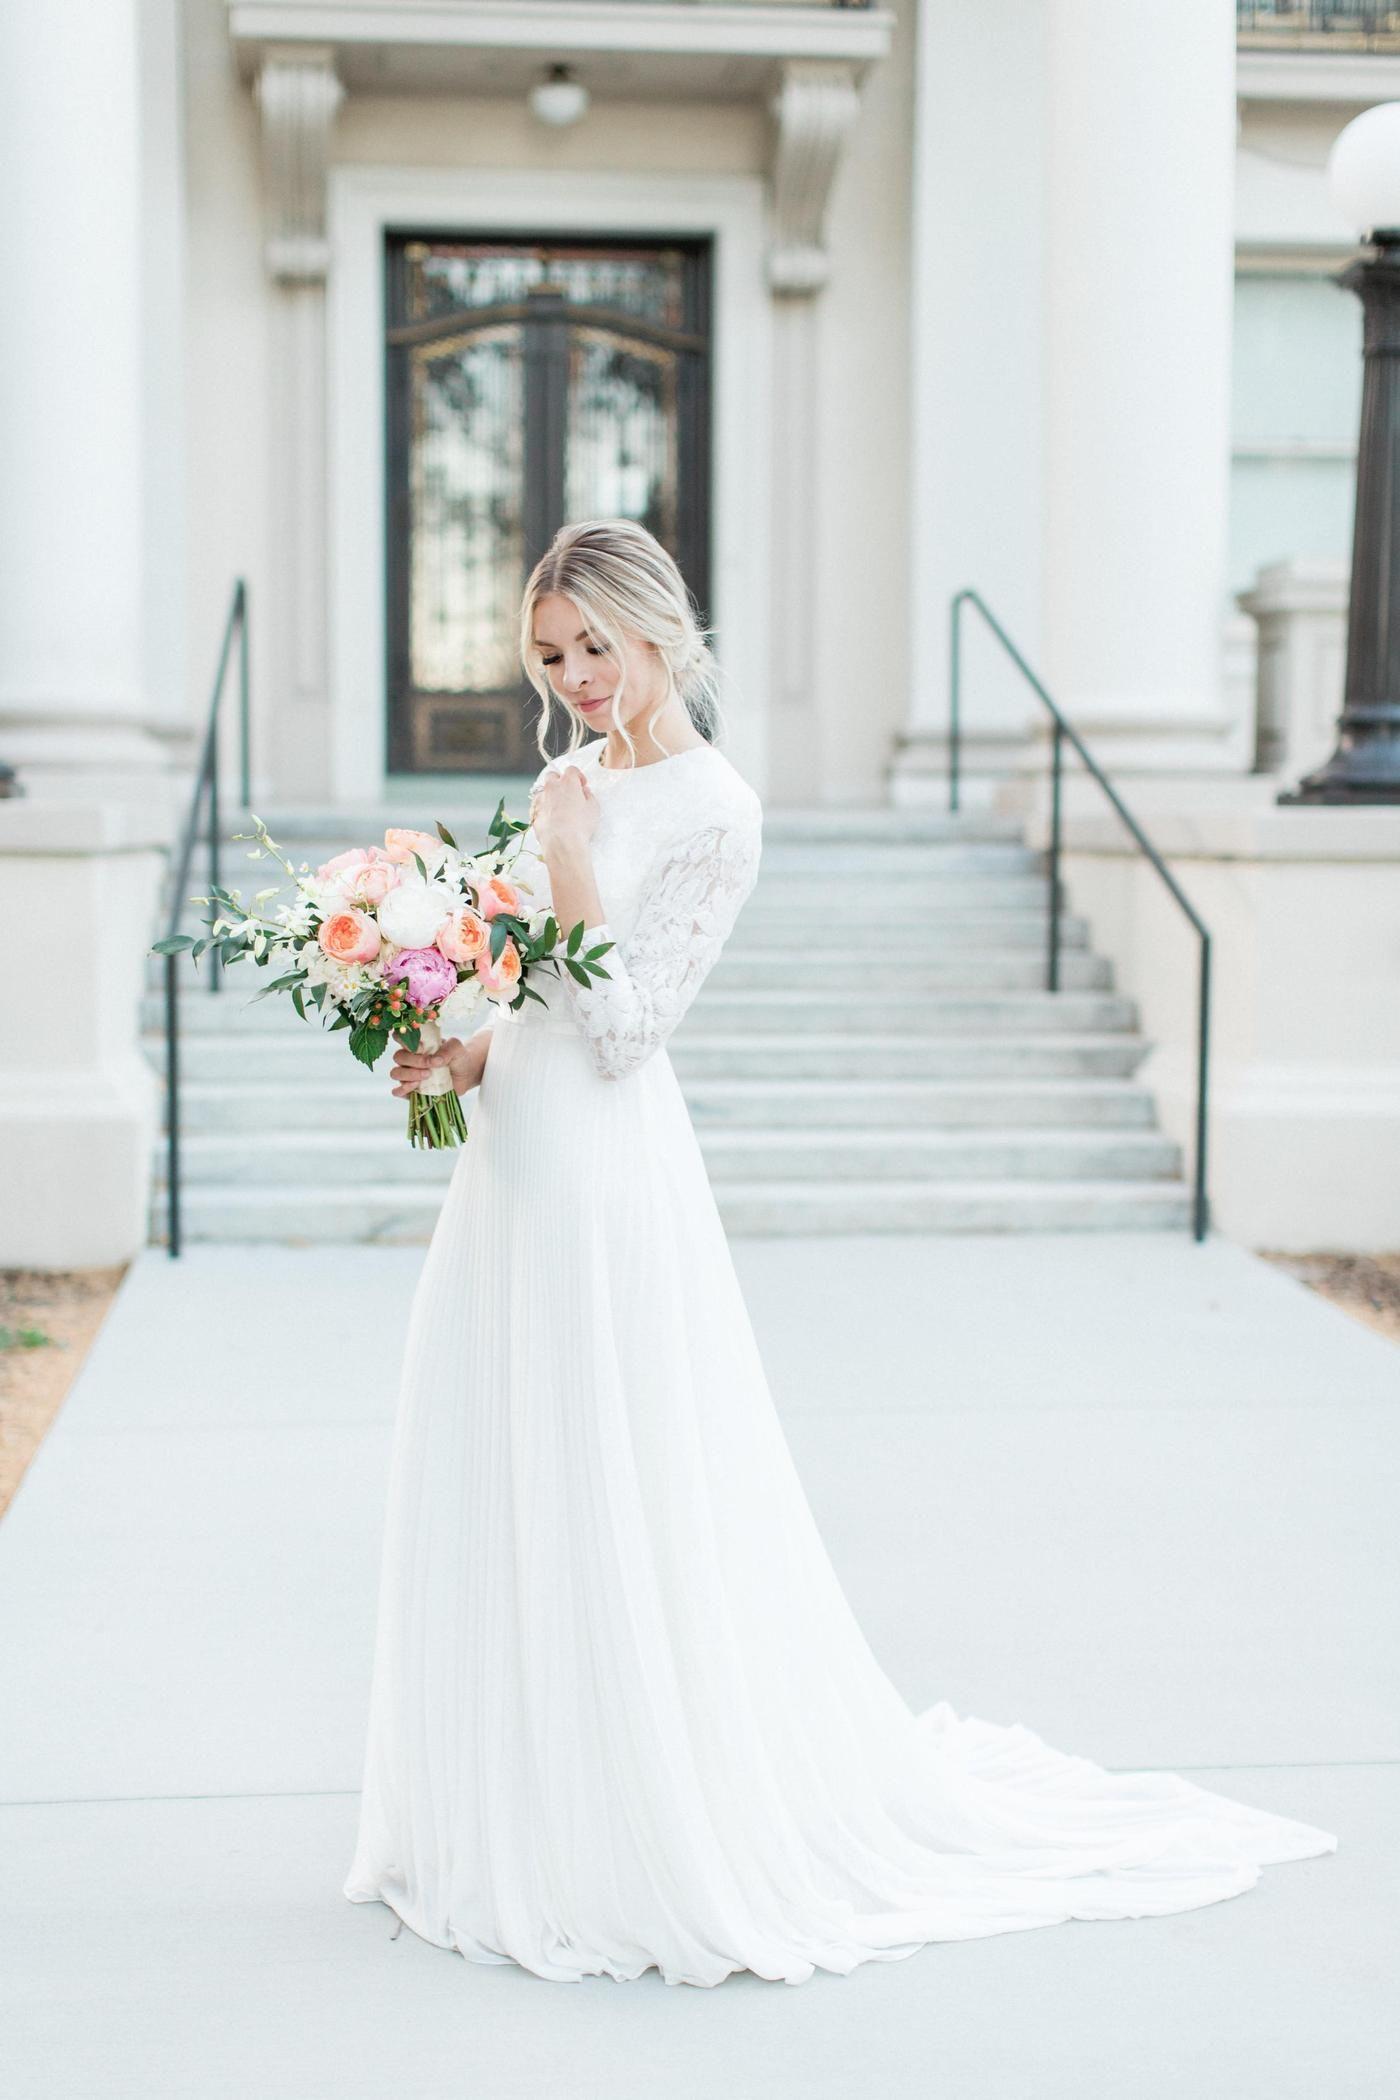 Blythe In Stock Final Sale Winter Wedding Dress Wedding Dresses Wedding Dress Long Sleeve [ 2100 x 1400 Pixel ]